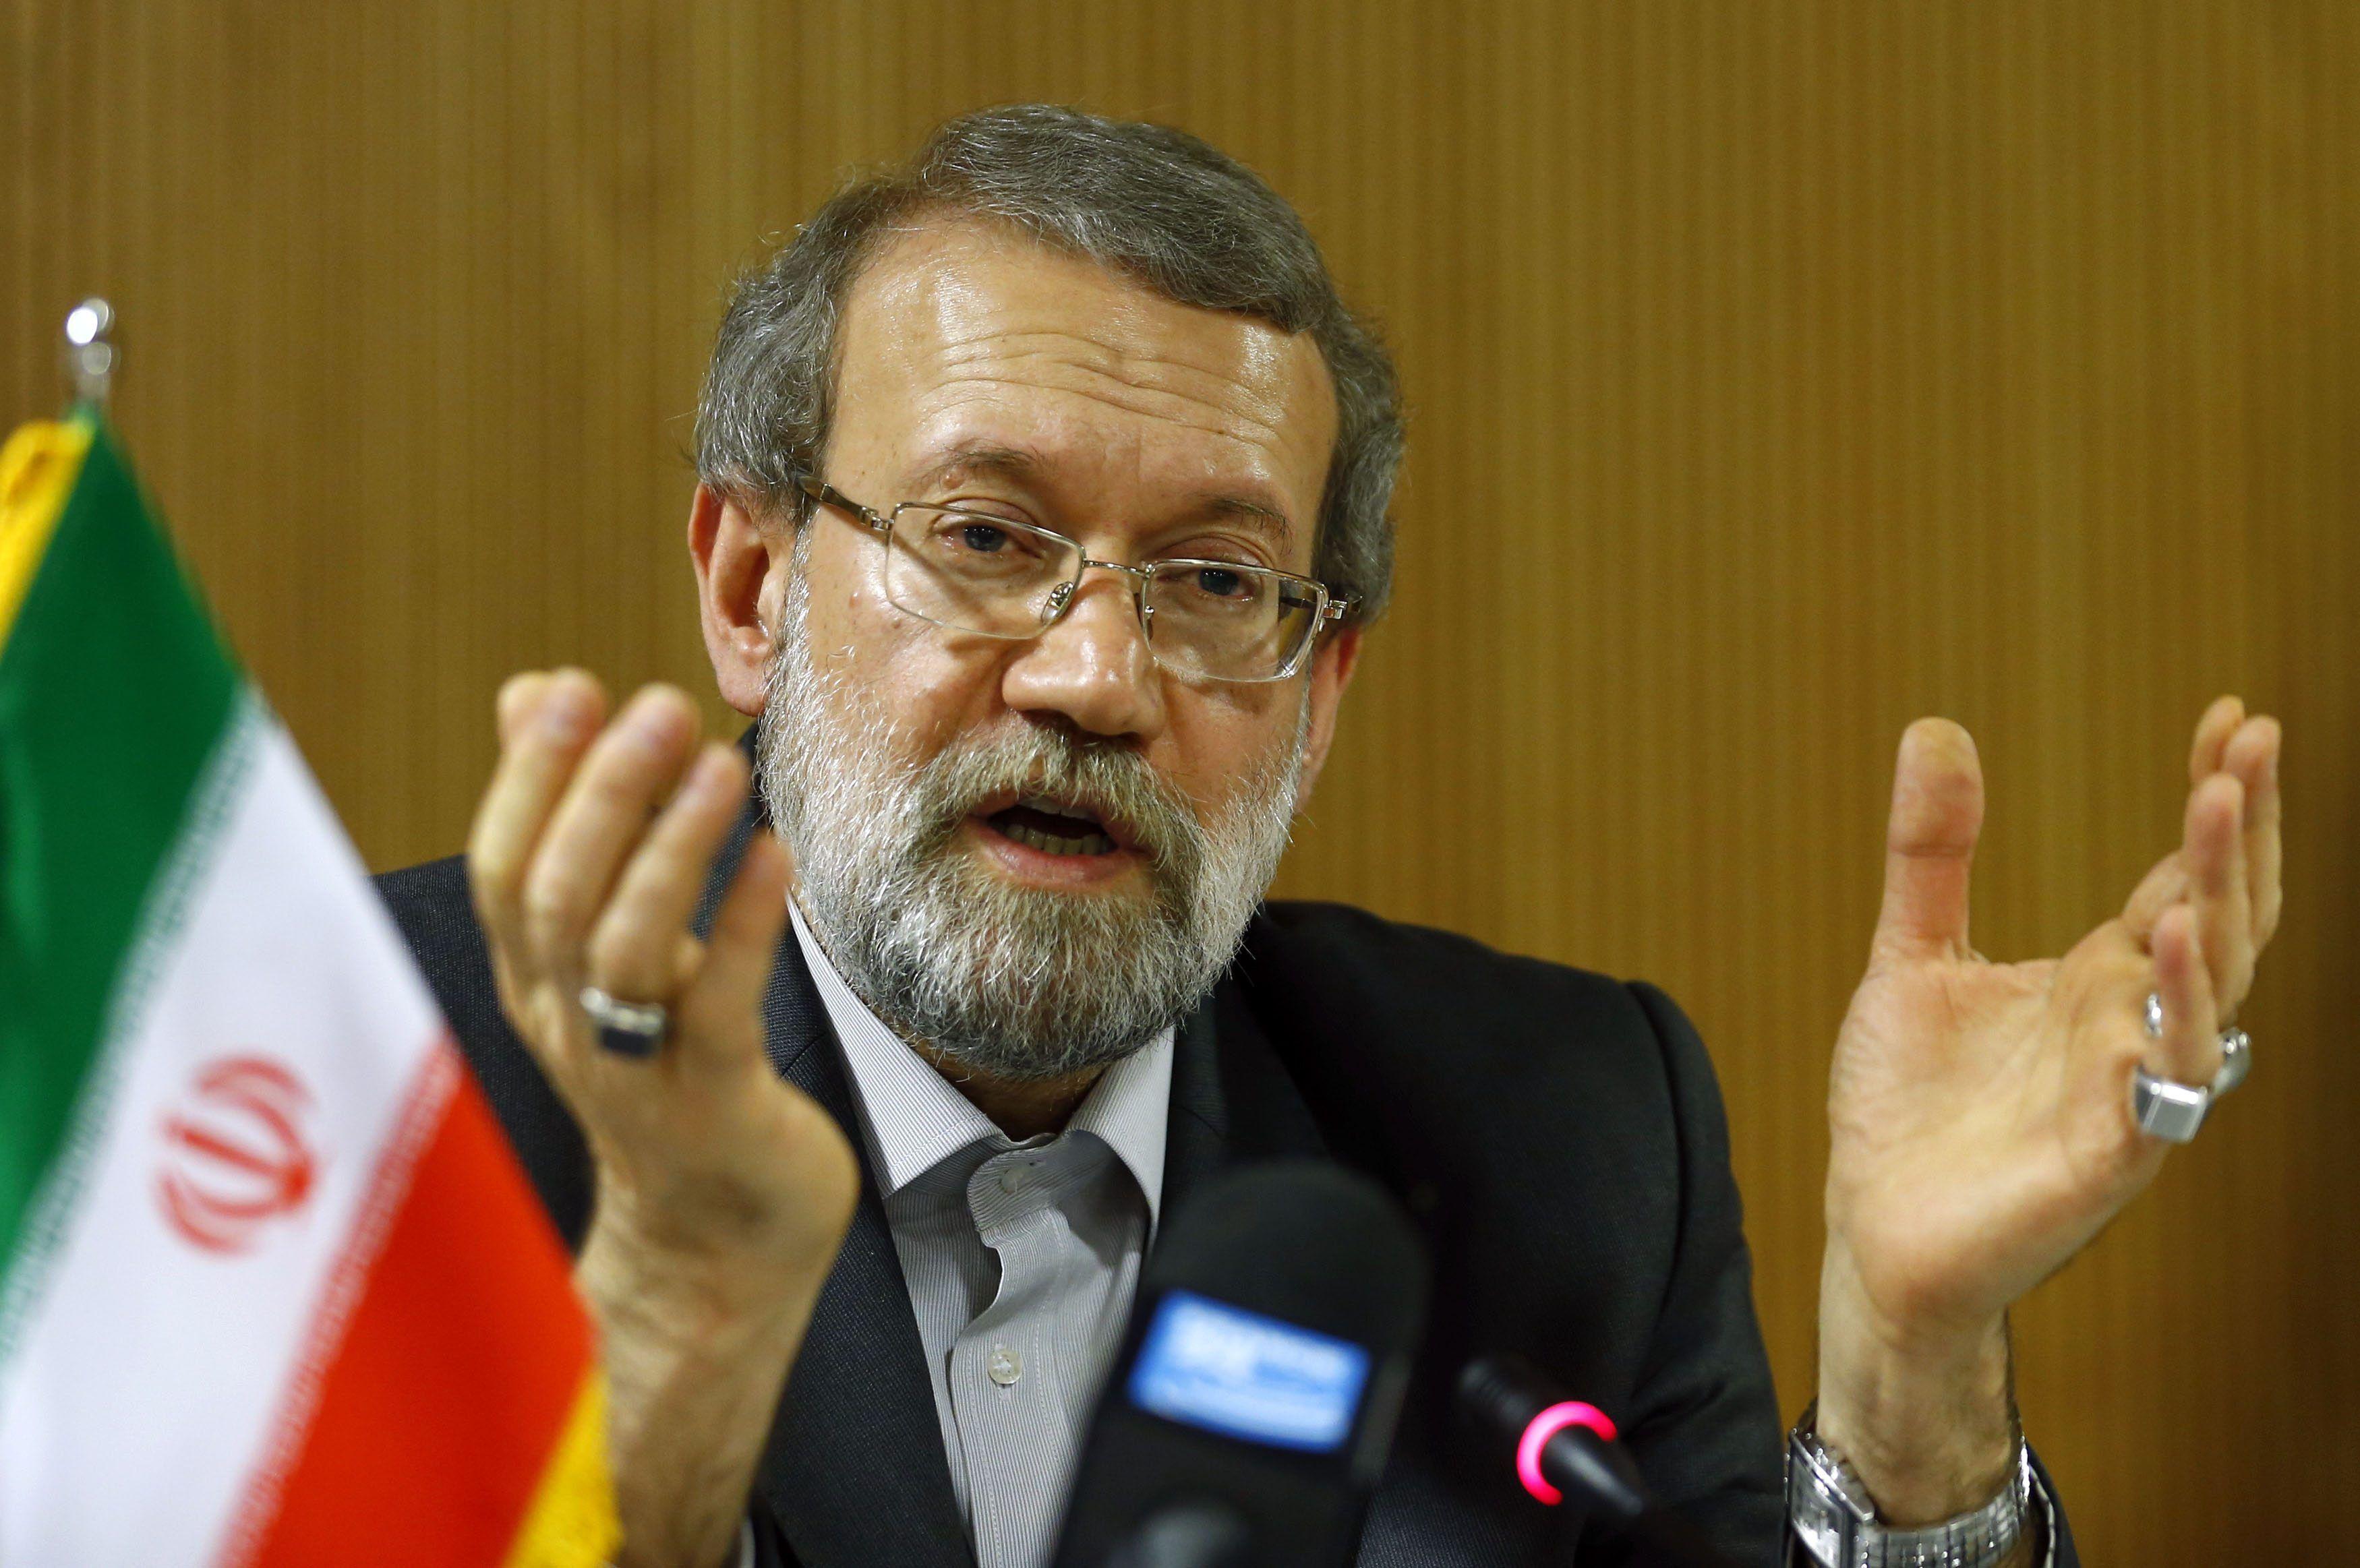 البرلمان الإيراني: ترامب لا يتمتع بالأهلية العقلية لتسوية المشاكل